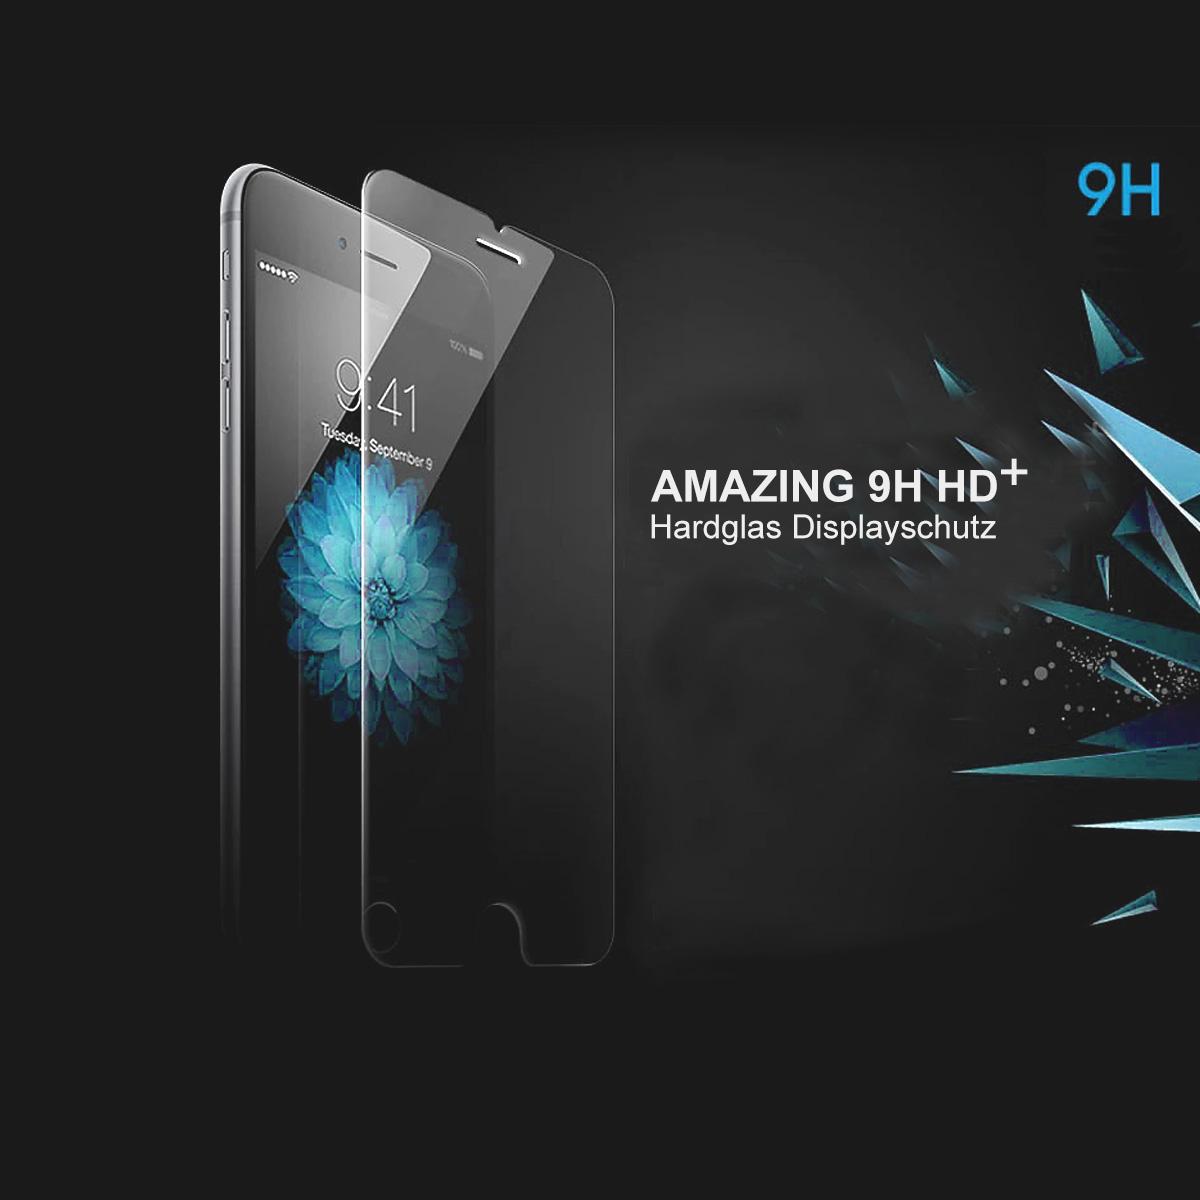 Ultra-Slim-Case-iPhone-11-6-1-034-Schutz-Huelle-Skin-Cover-Schwarz-Carbon-Look-Folie Indexbild 7